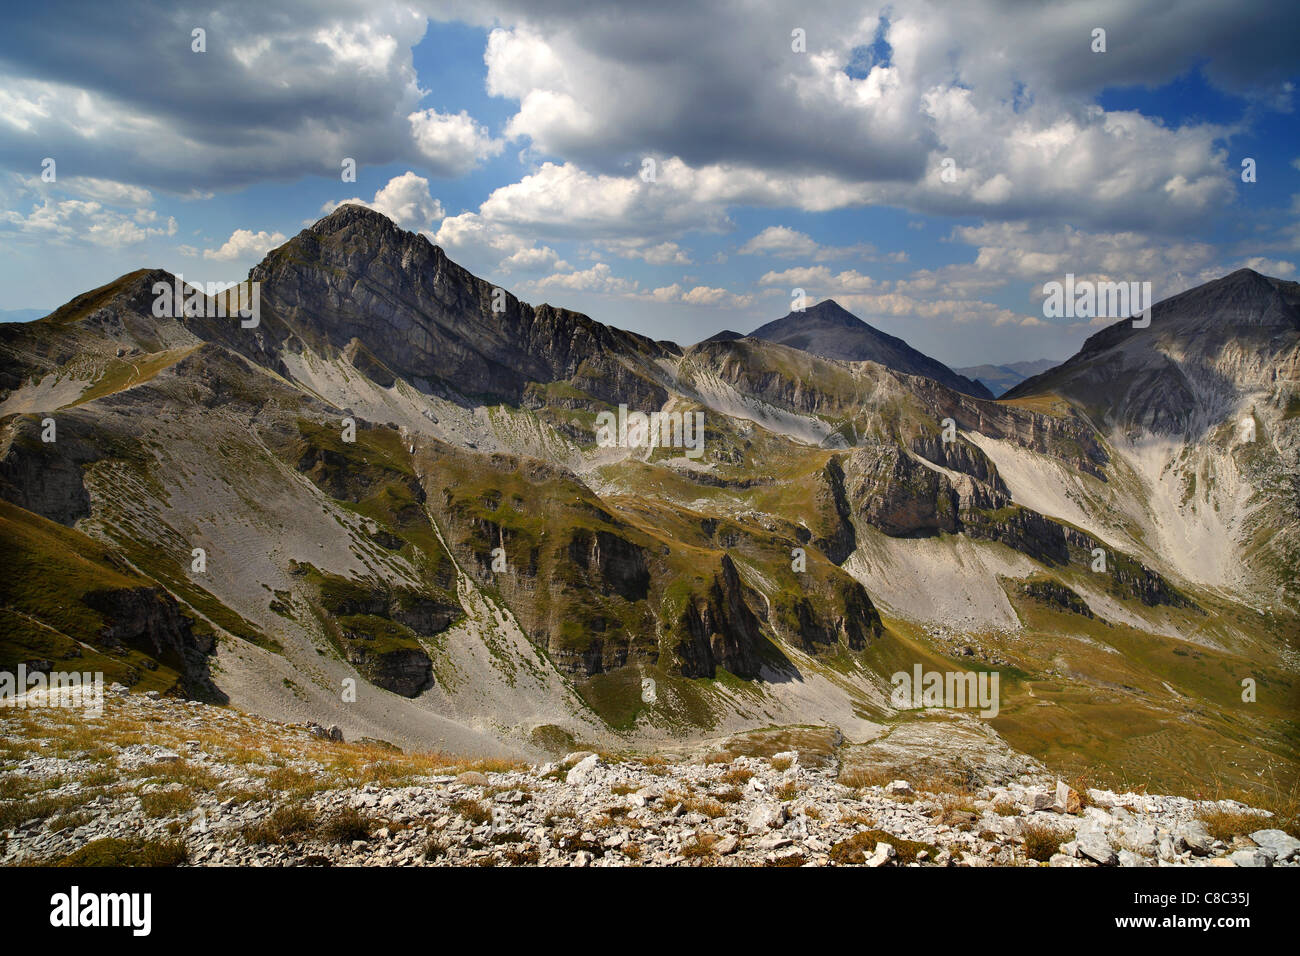 Vista dal Passo della Portella o Portella Ridge in Gran Sasso, Abruzzo, Italia. Immagini Stock